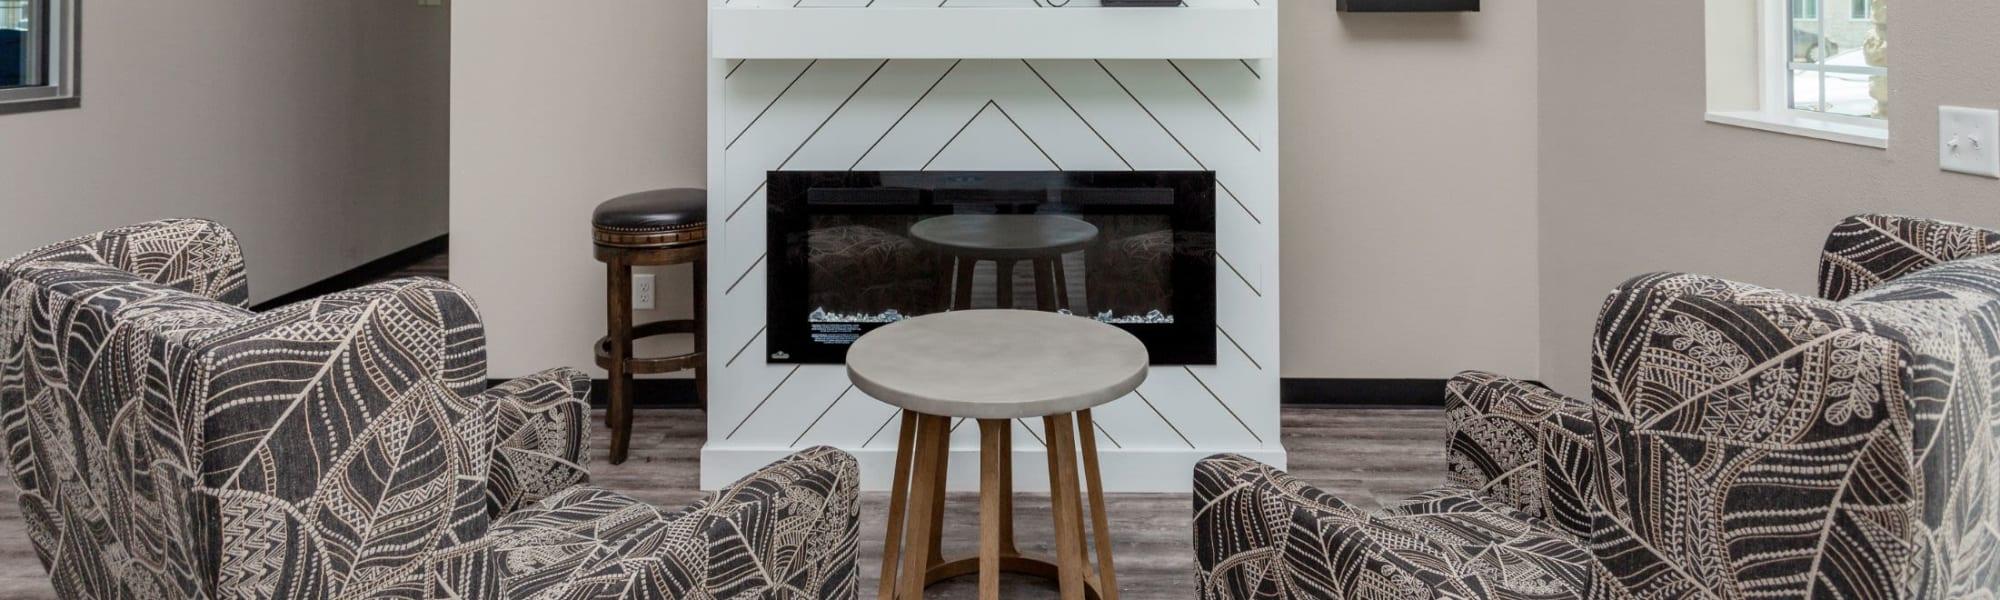 Urban luxury amenities at Autumn Ridge in Waukee, Iowa